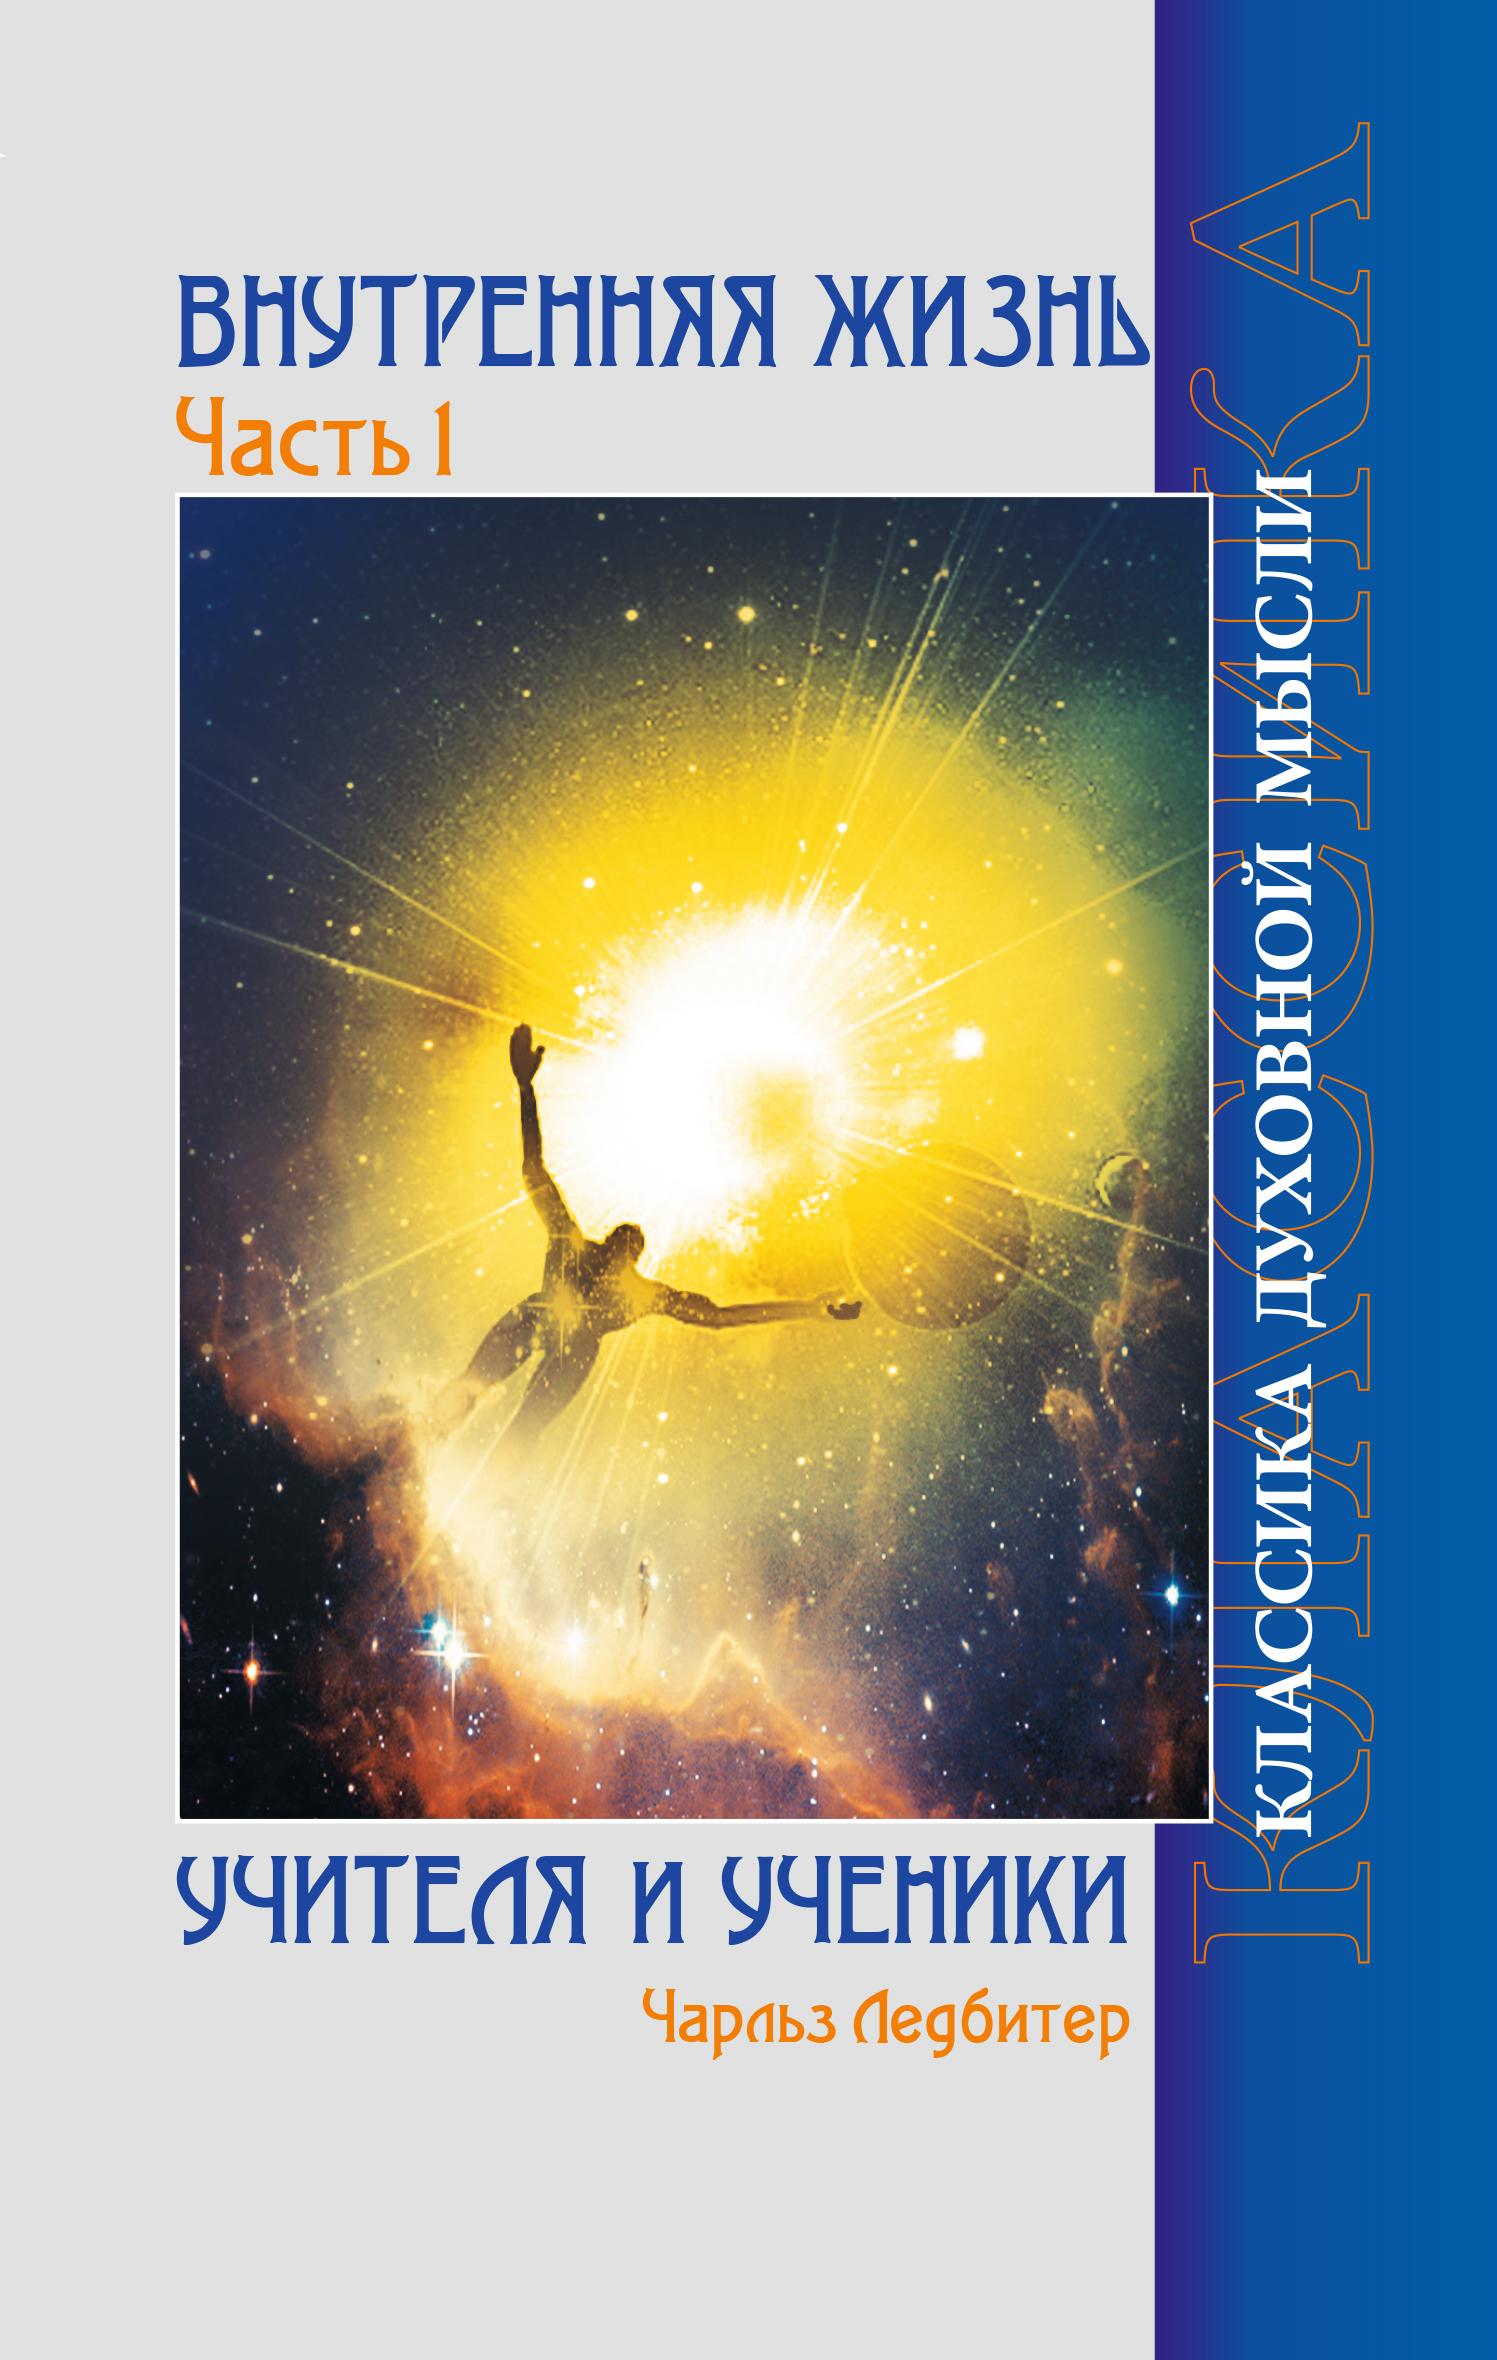 Внутренняя жизнь. Часть 1. Учителя и ученики. 2-е изд.